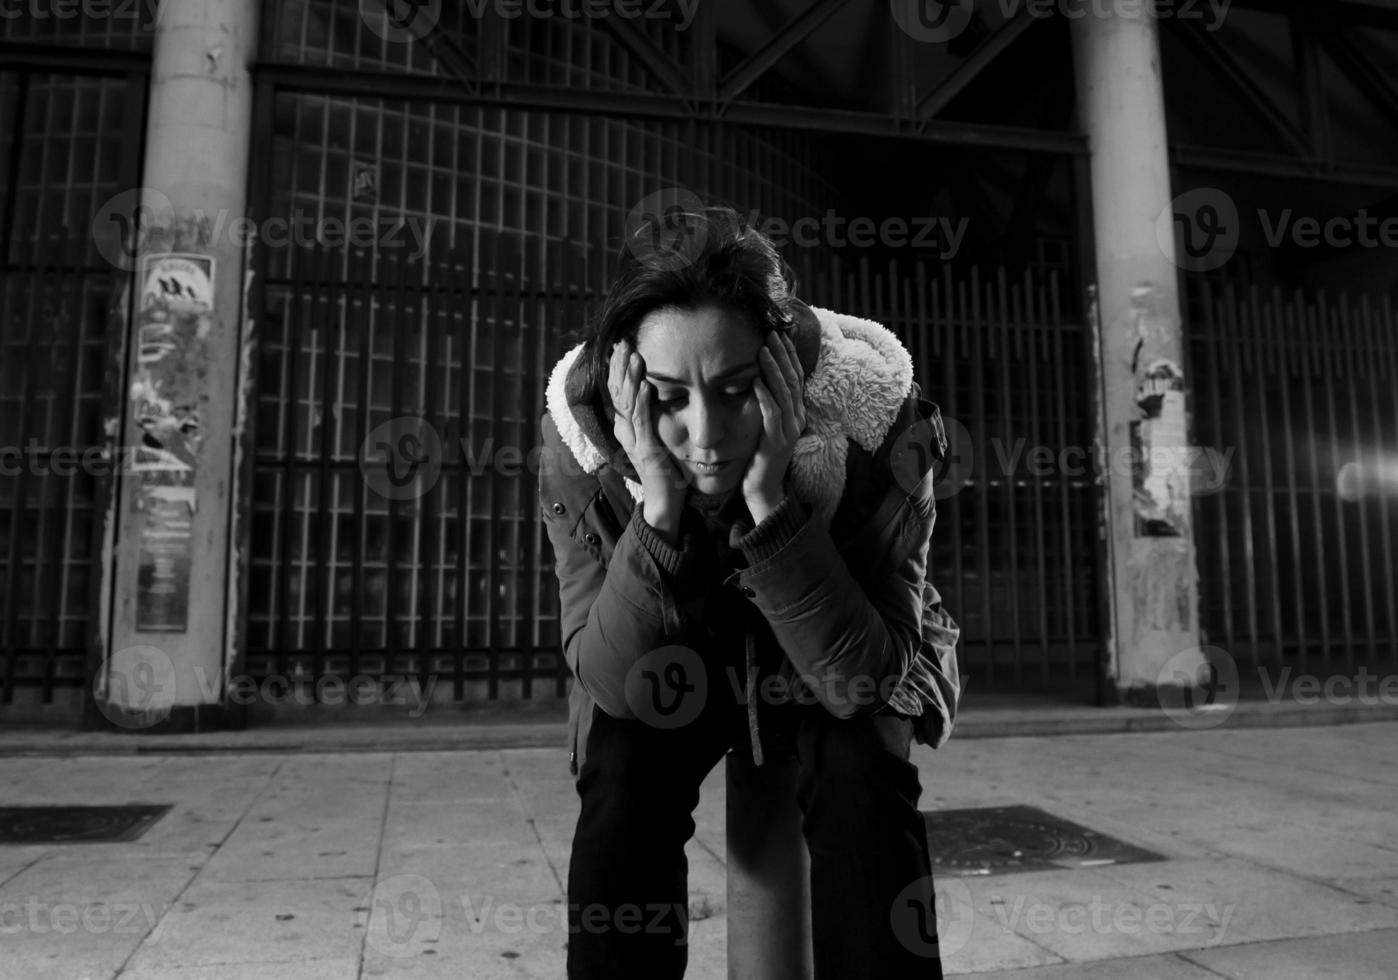 kvinna ensam på gata lidande depression ser tråkigt desperat foto